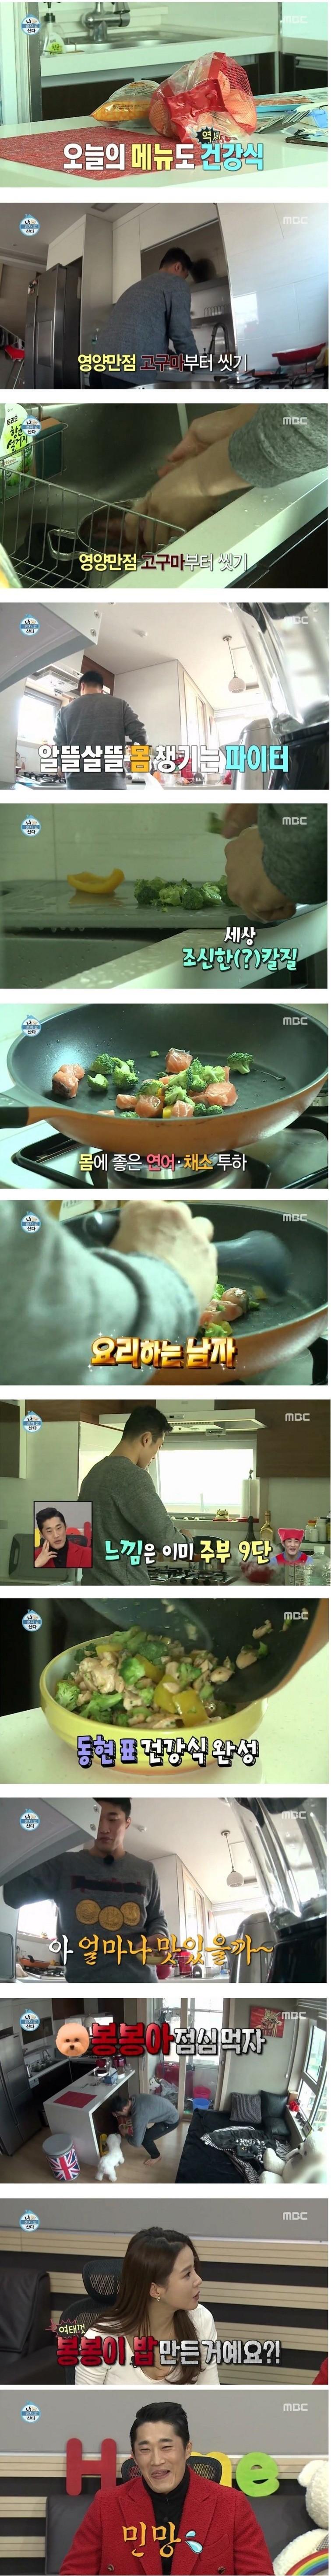 김동현의 요리실력 ㅋ